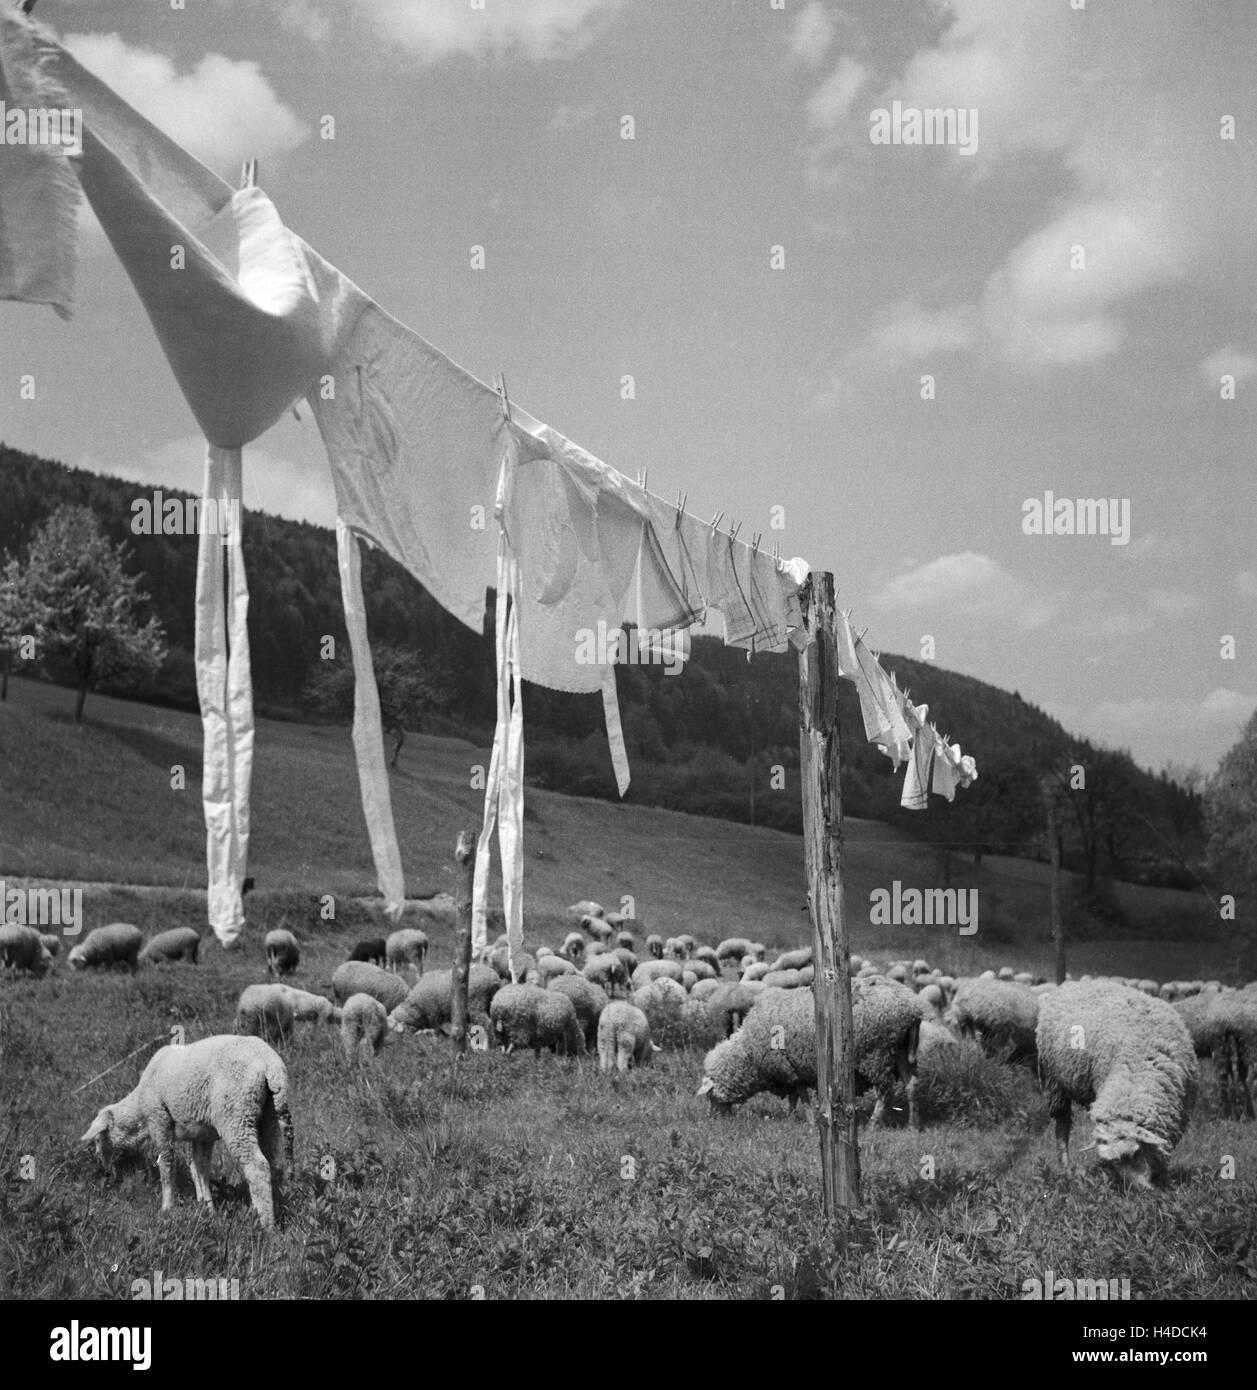 Frische Wäsche Trocknet Auf Einer Leine Zwischen Einer Herde Schafe, 1930er Jahre Deutschland. Frisch waschen Stockbild